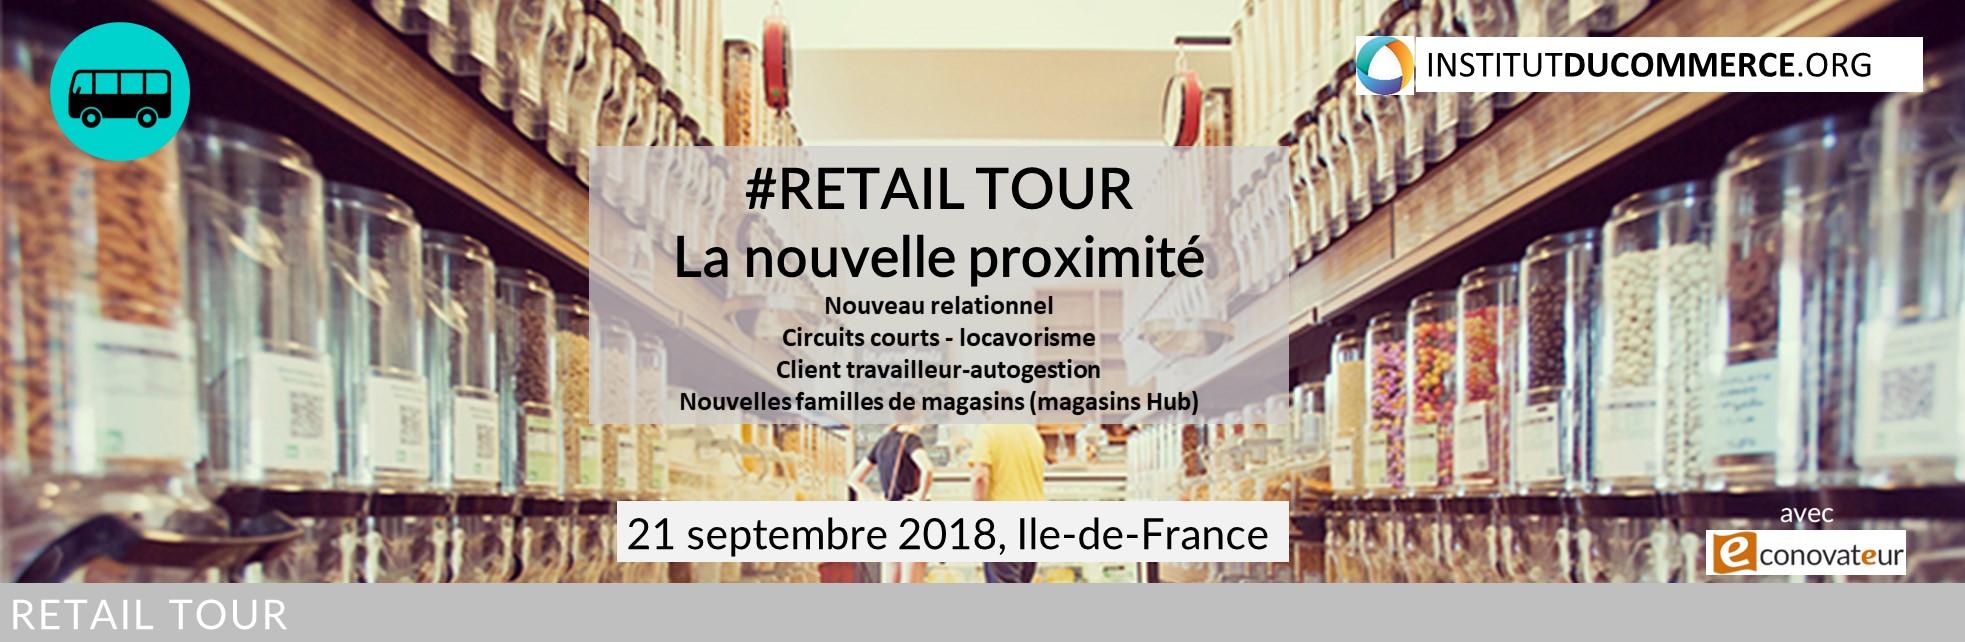 Retail tour : La nouvelle proximité